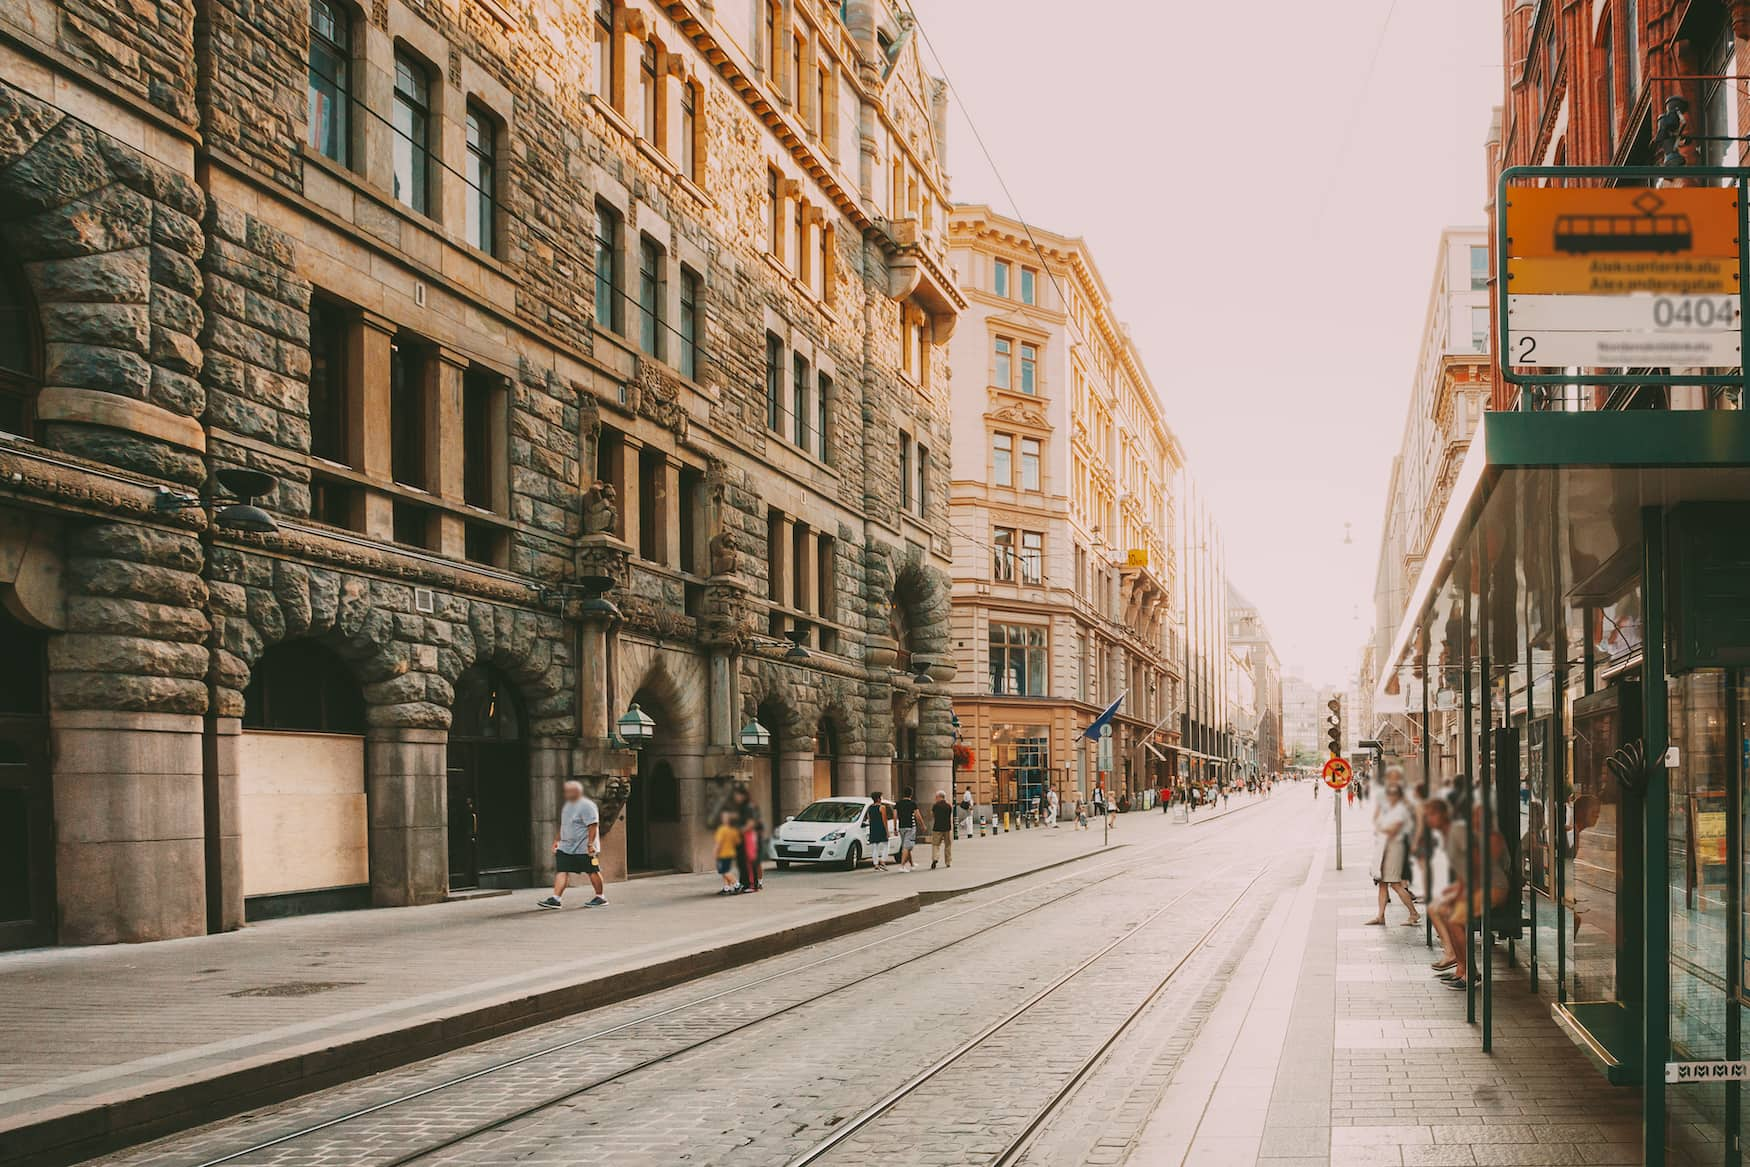 Alltag auf Einkaufsstraße in Helsinki, Finnland